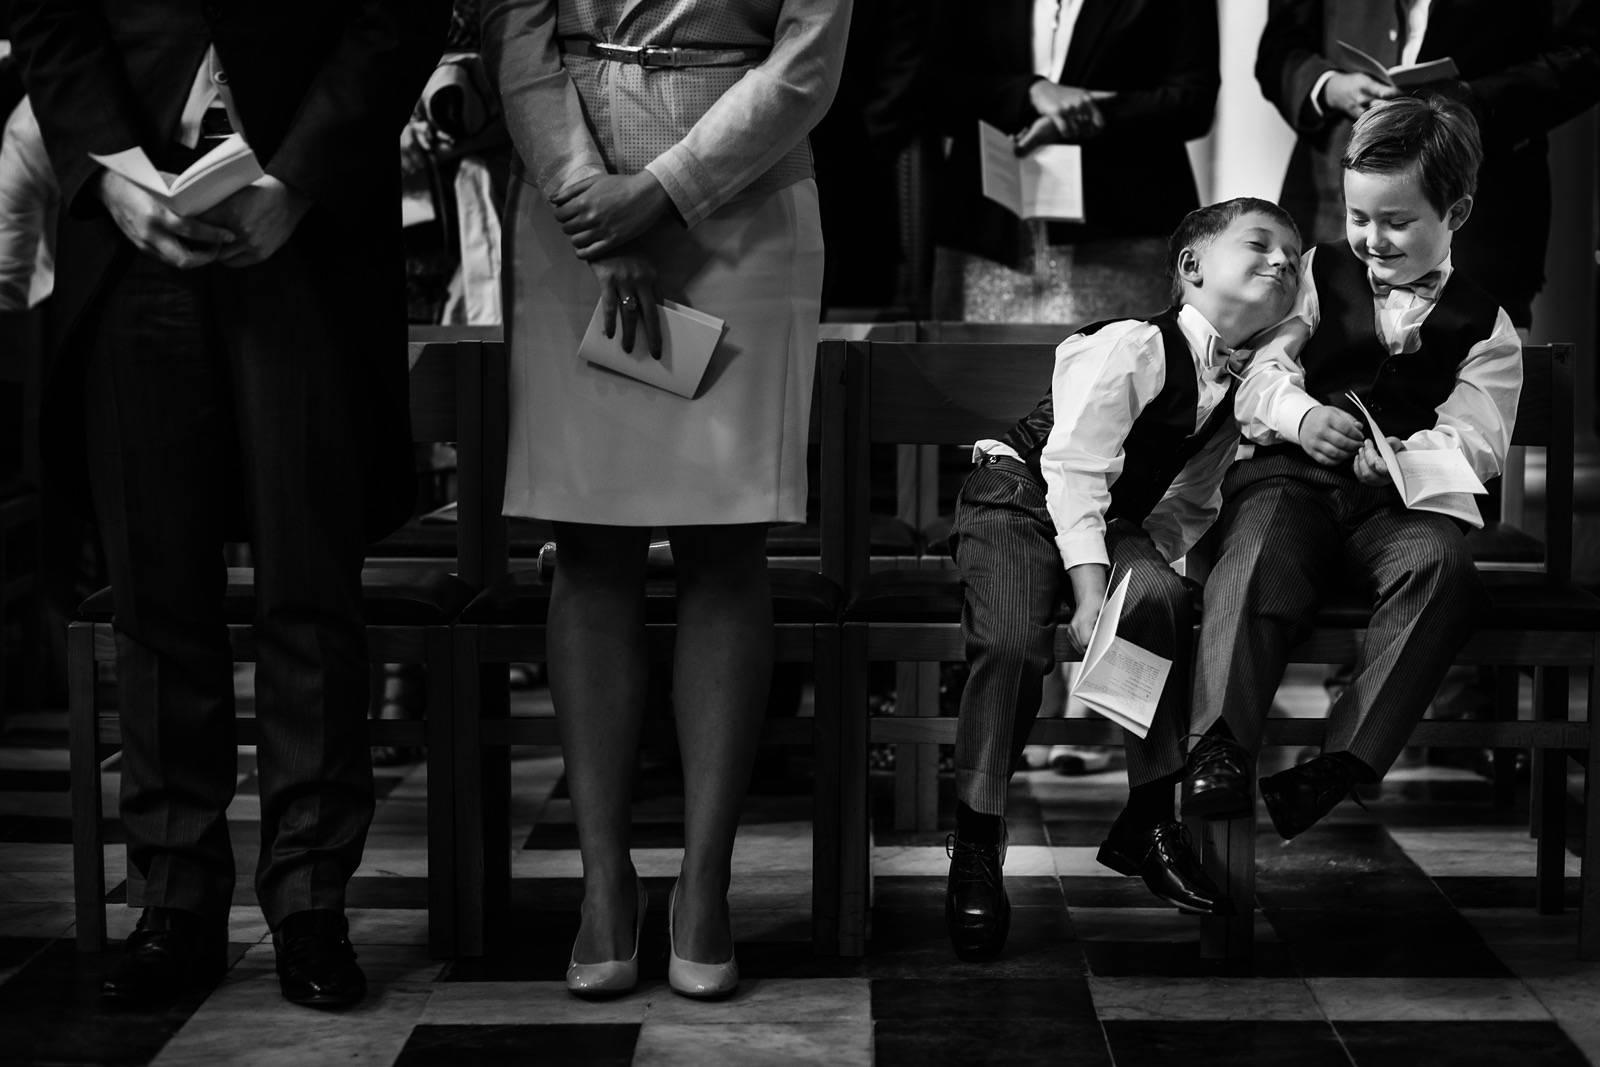 Yves Schepers Photography - Fotograaf - Huwelijksfotograaf - Trouwfotograaf - Bruidsfotograaf - House of Weddings - 30